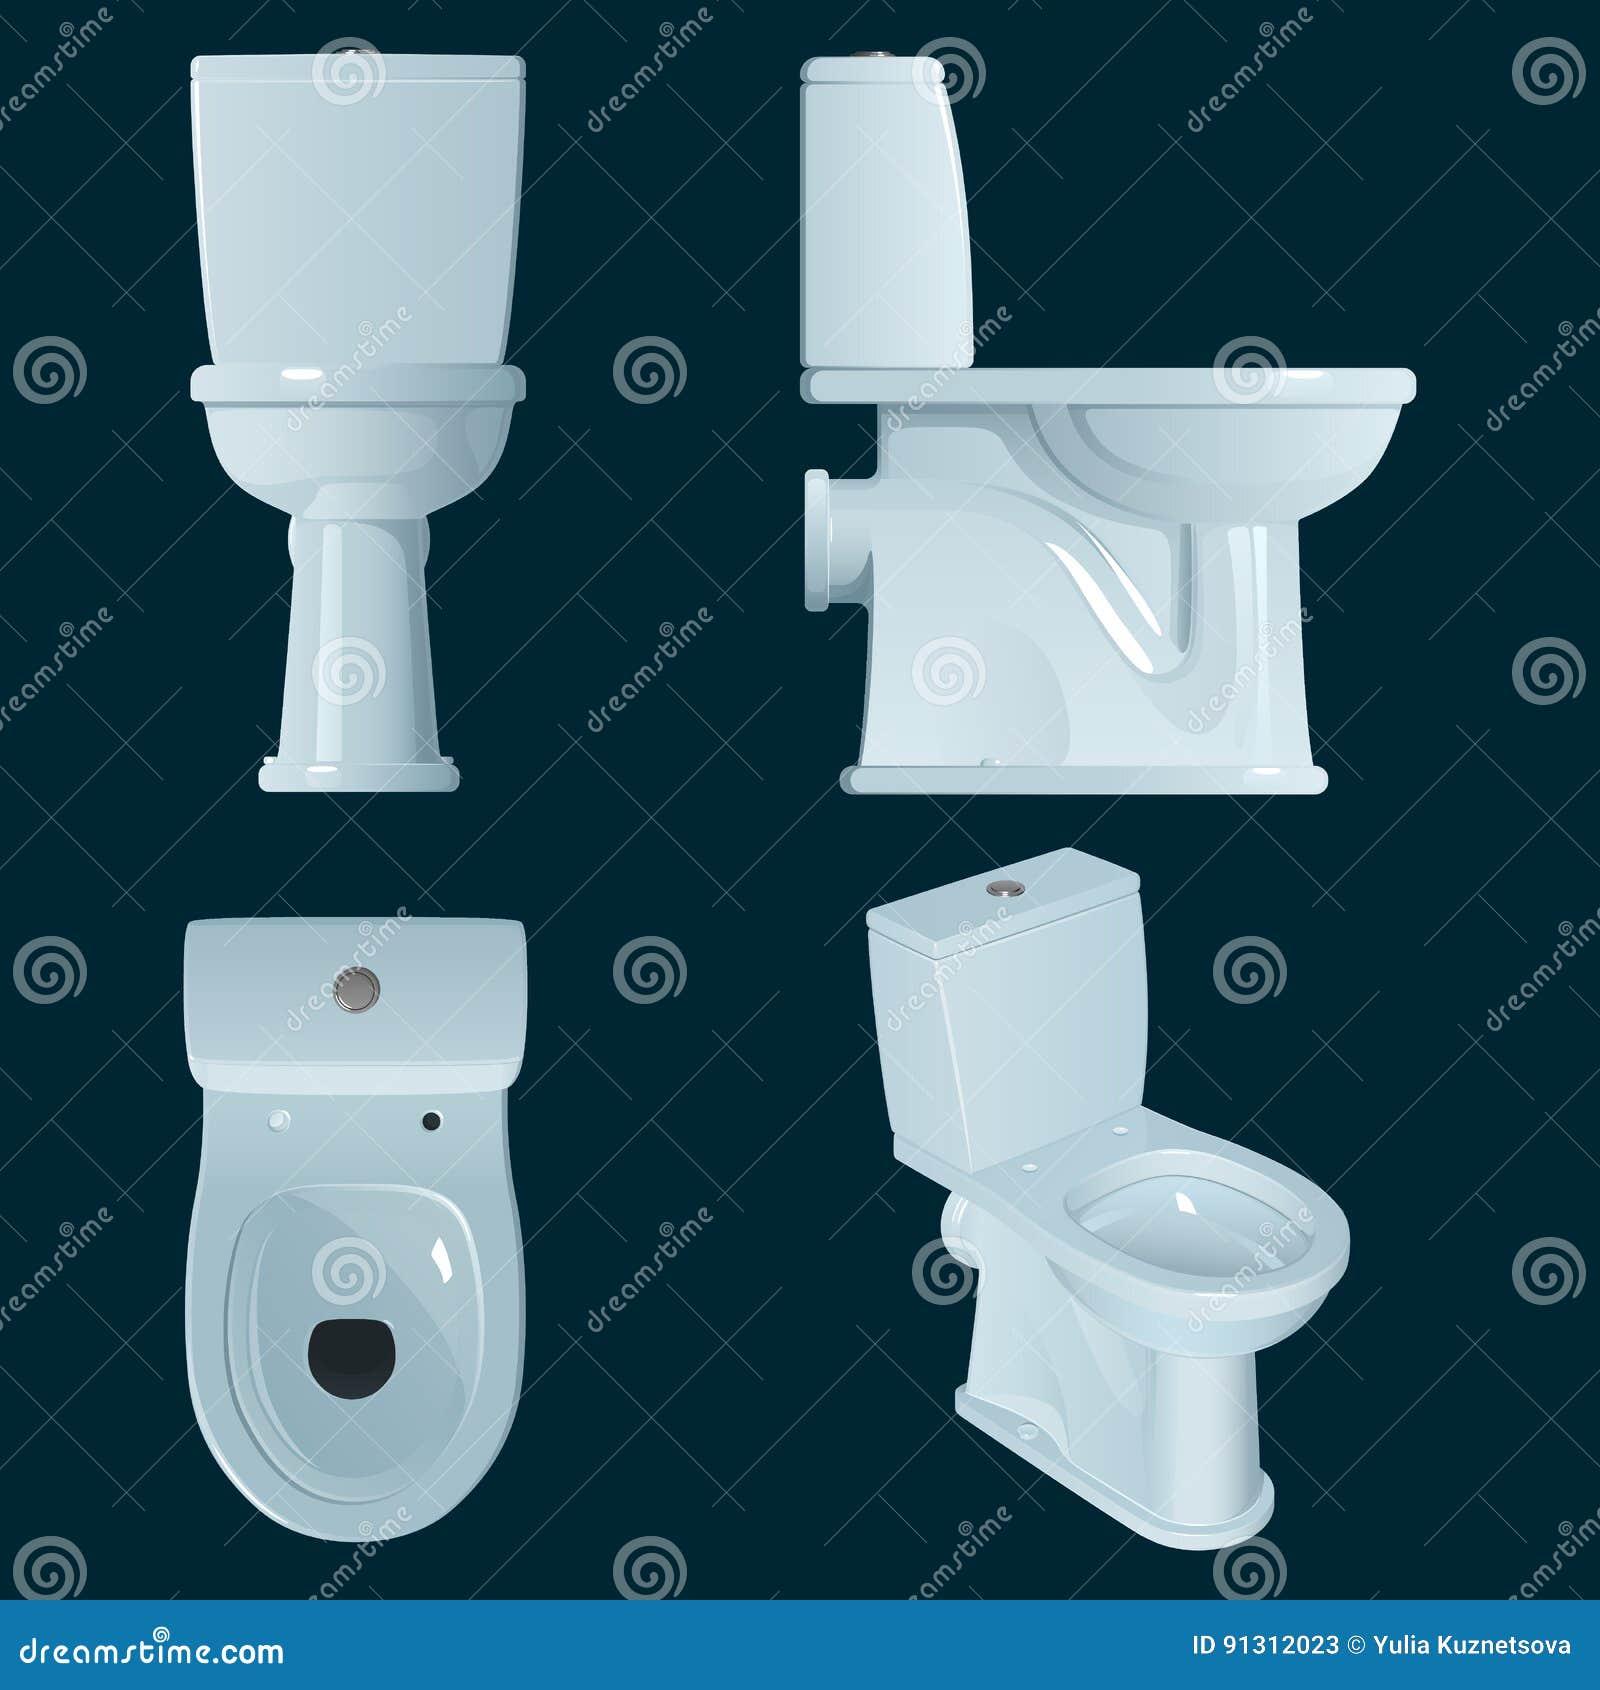 Ciotola di toilette bianca della porcellana su un fondo blu scuro, su una vista generale e su tre proiezioni